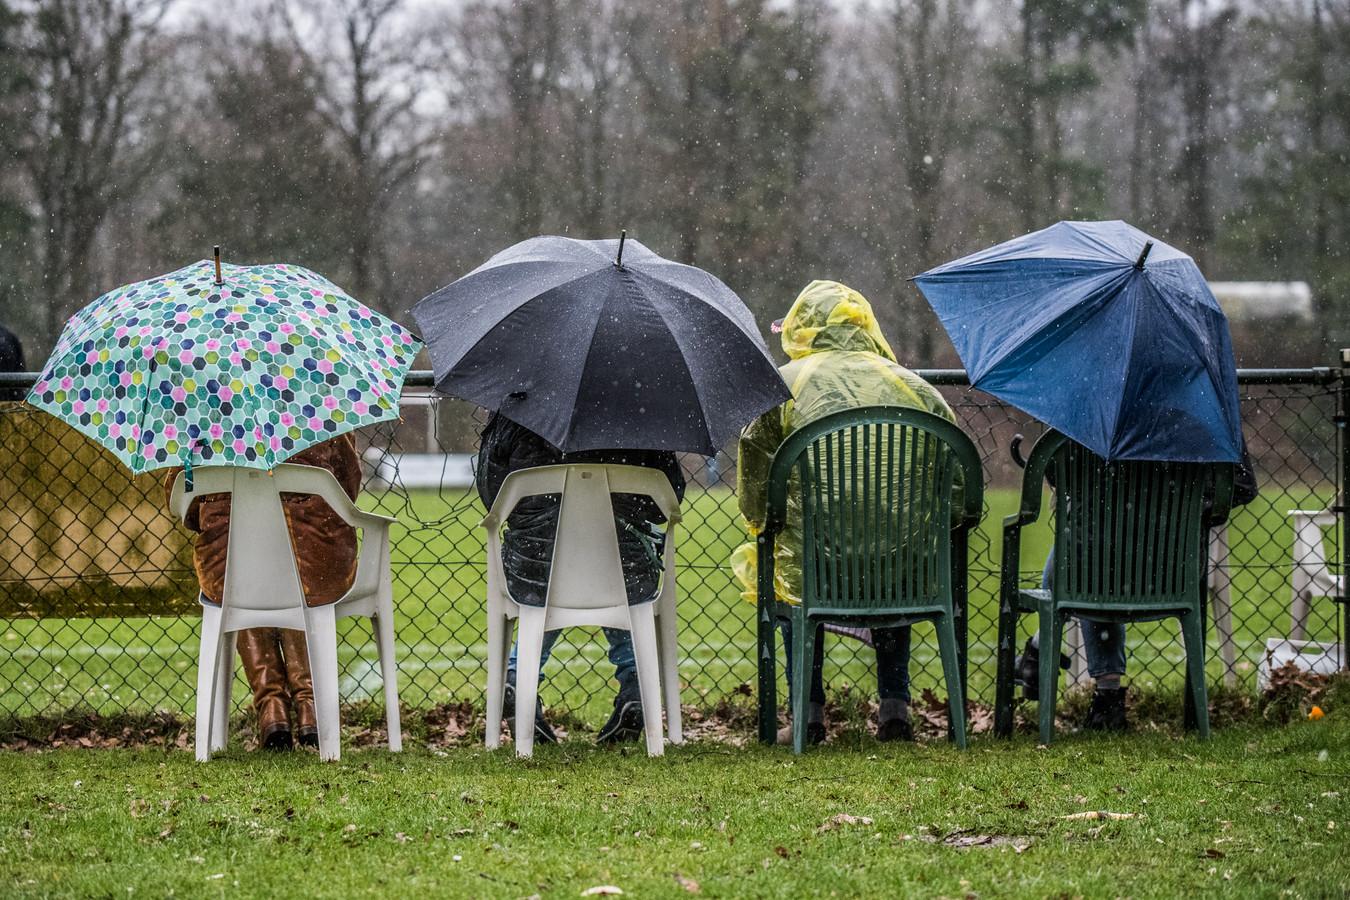 Het noodweer dreef de voetballers van DUNO en AZSV zaterdag vroegtijdig naar binnen; terwijl de die-hard supporters zich prima hadden voorbereid op de zware windstoten en slagregens in Doorwerth.